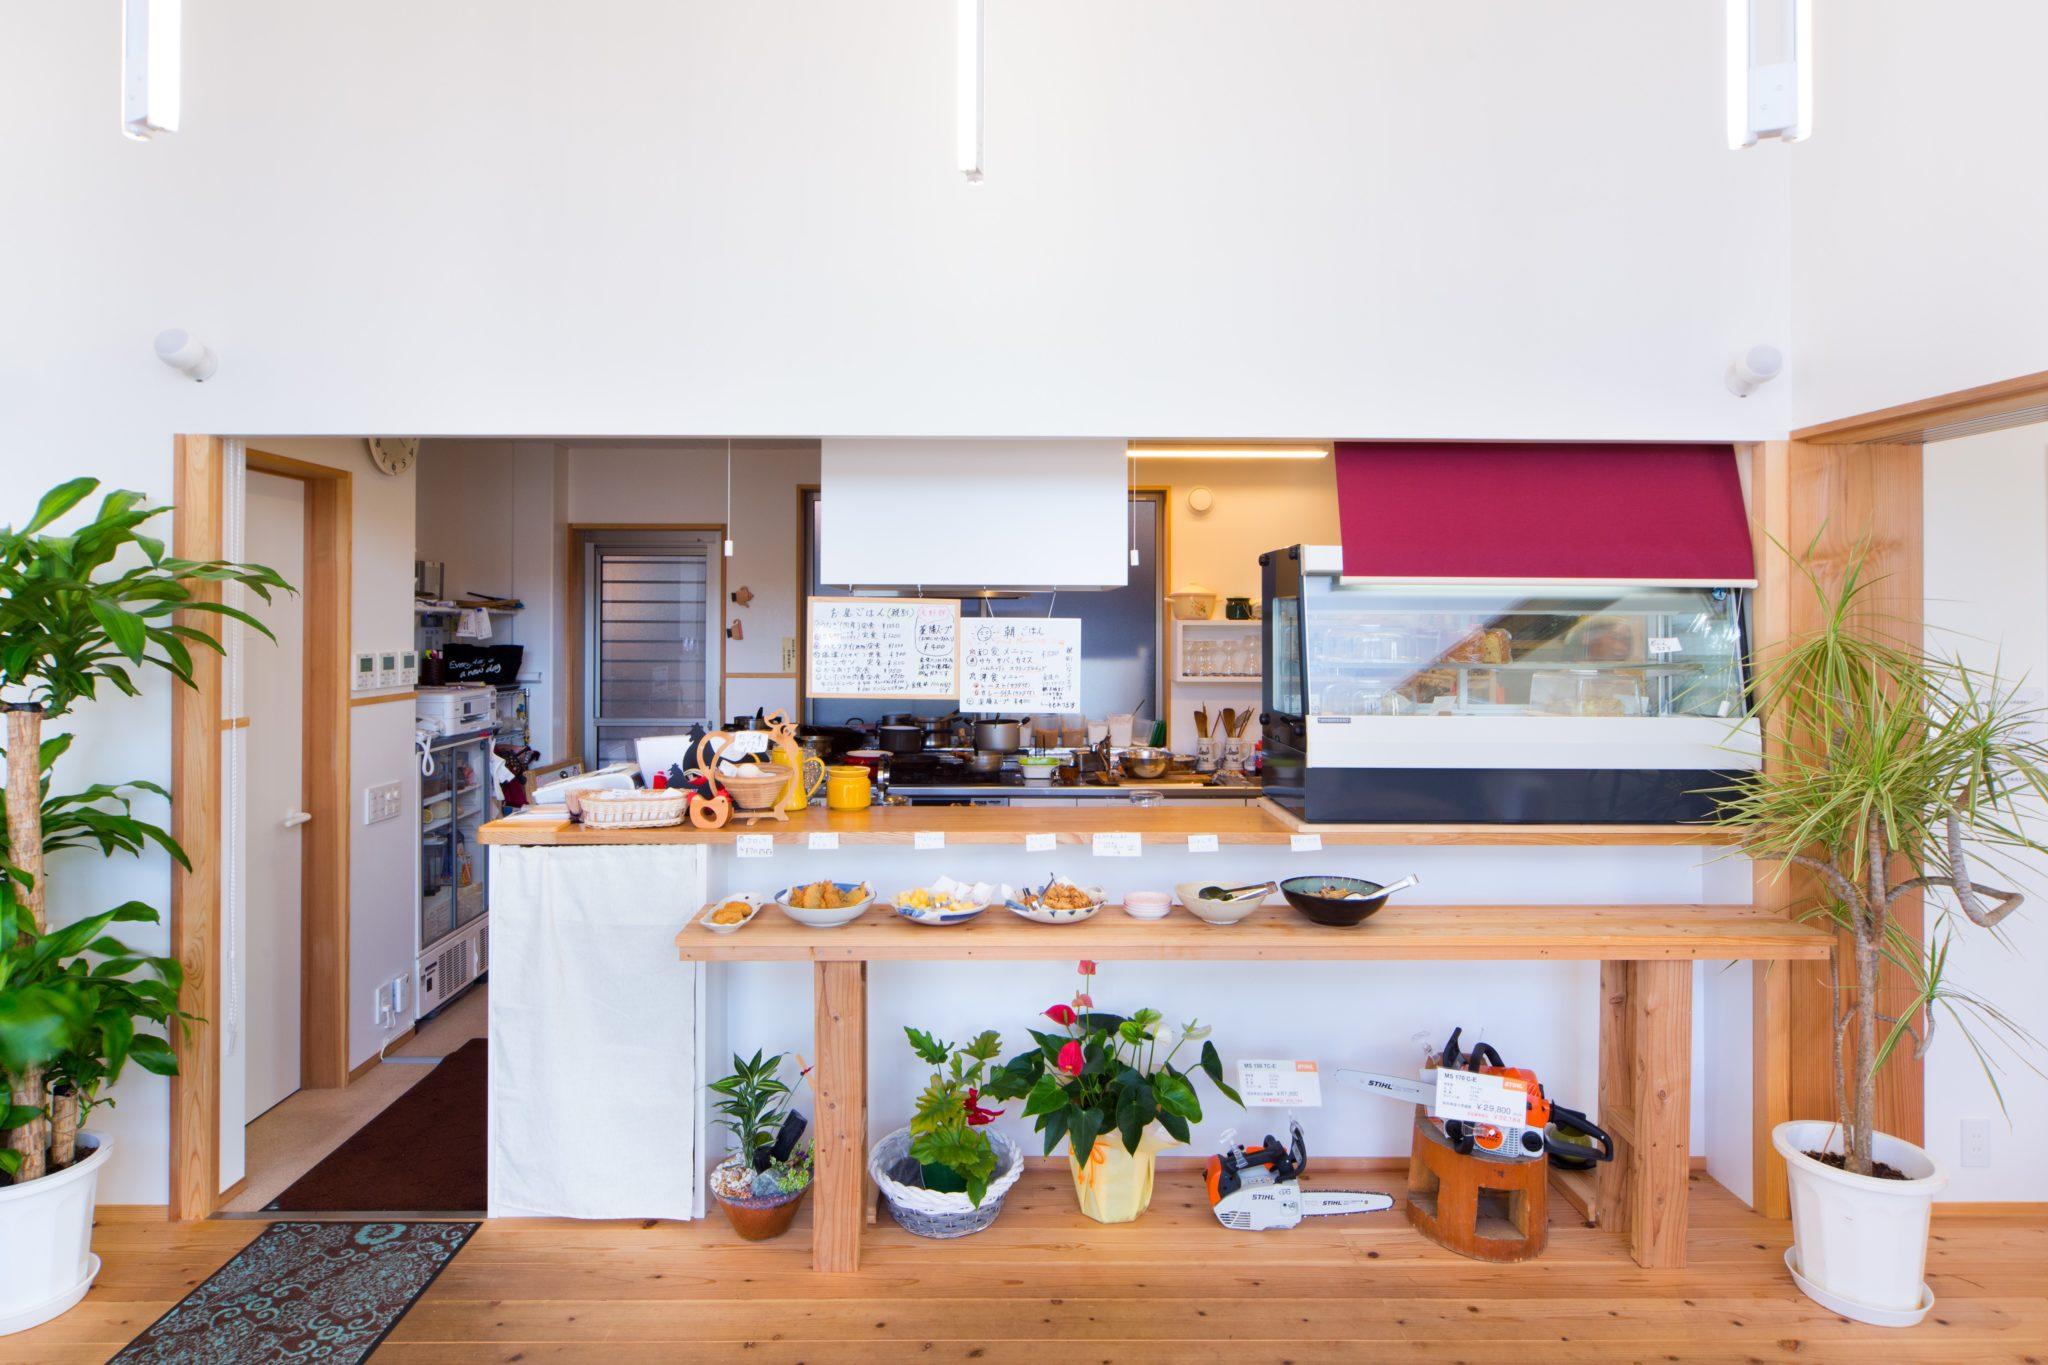 総菜の並ぶカウンターの向こうは右の方に奥深いキッチン